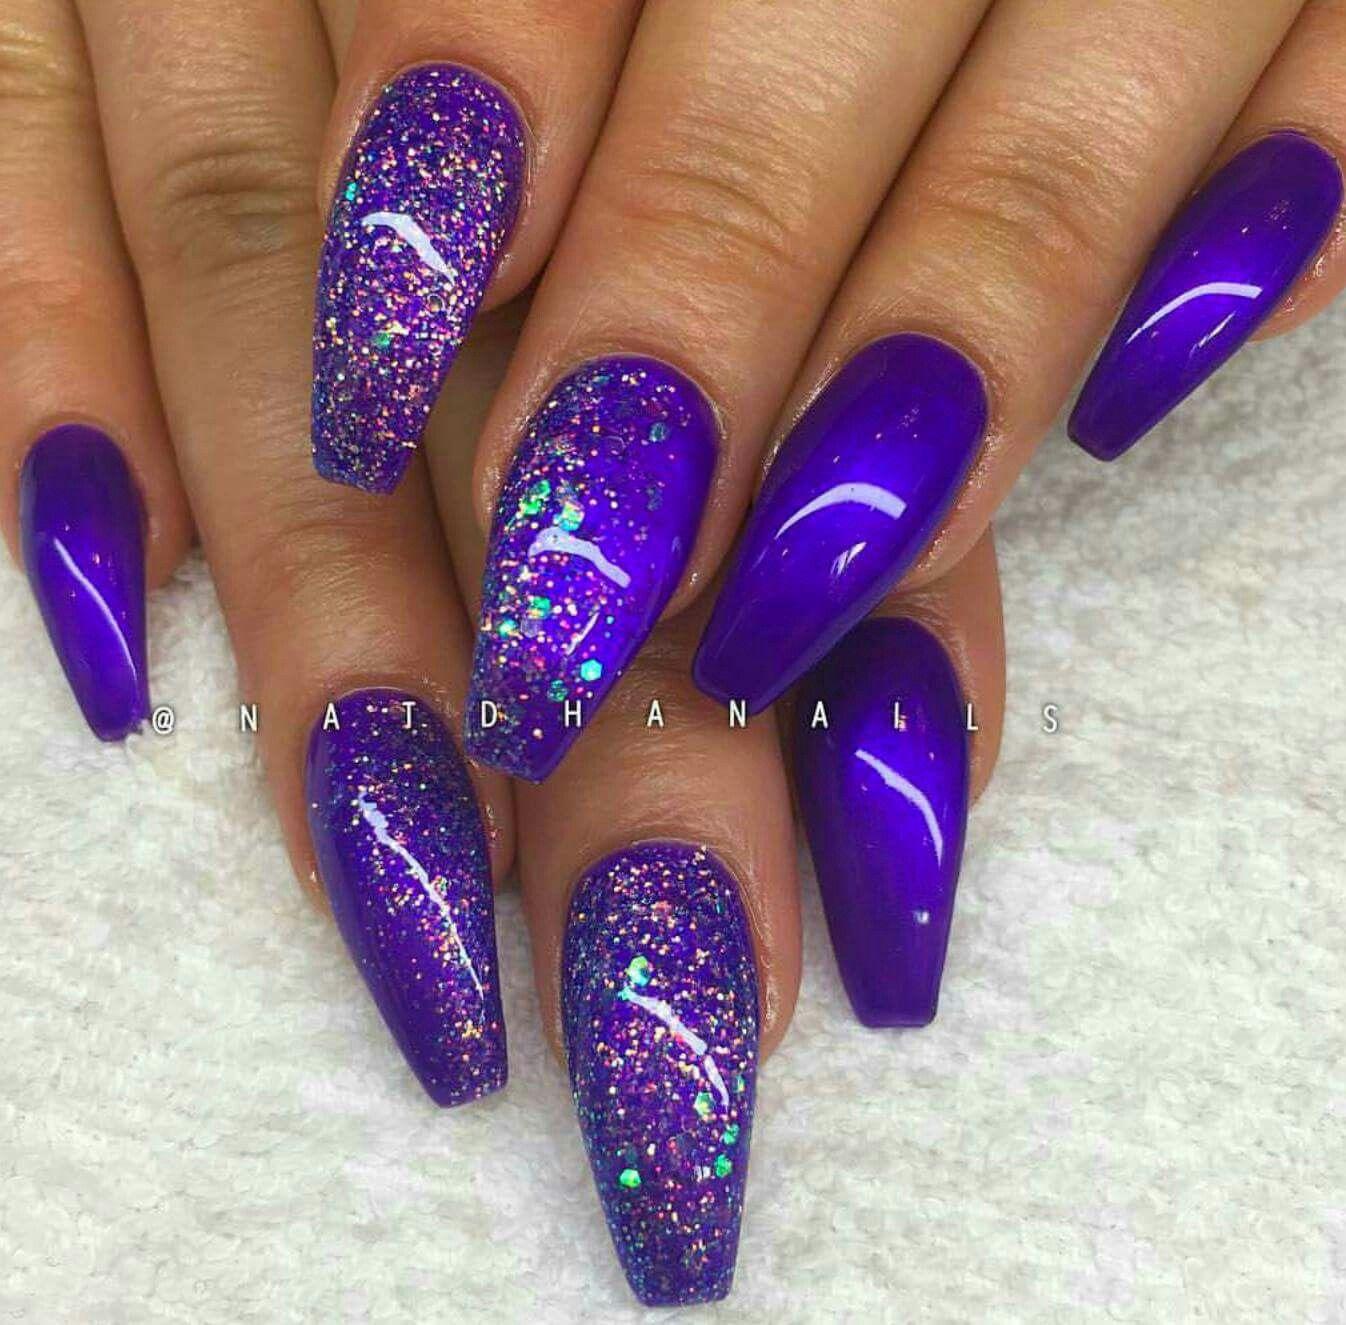 pretty indigo purplish-blue nailspirations